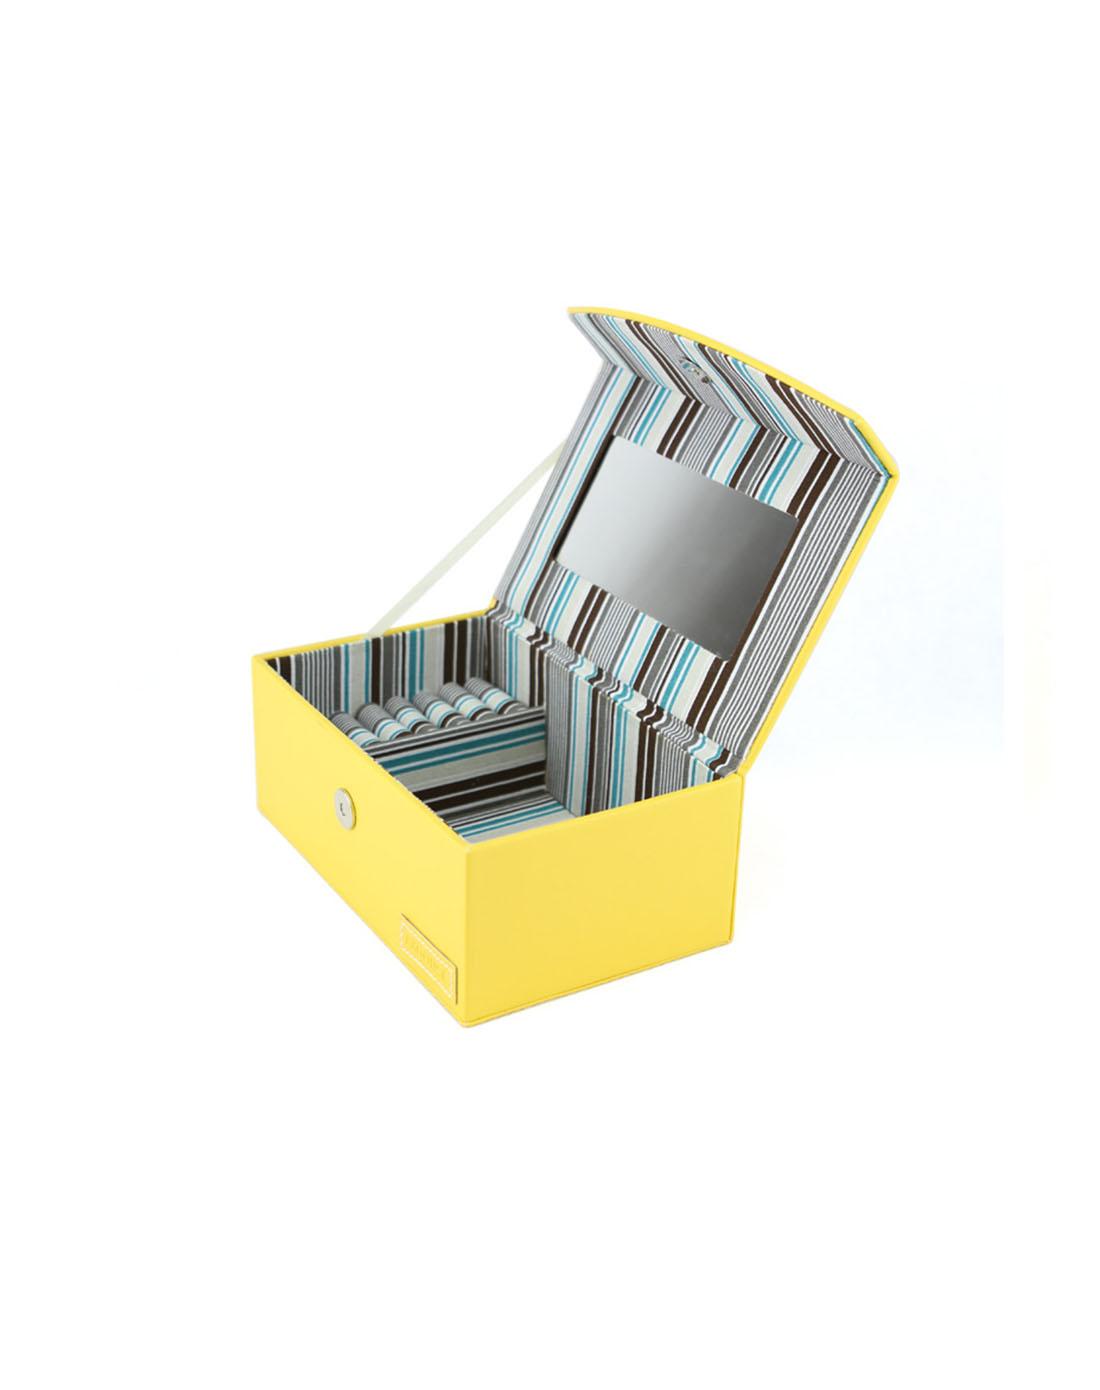 匡禾 橘黄色长方形珠宝盒